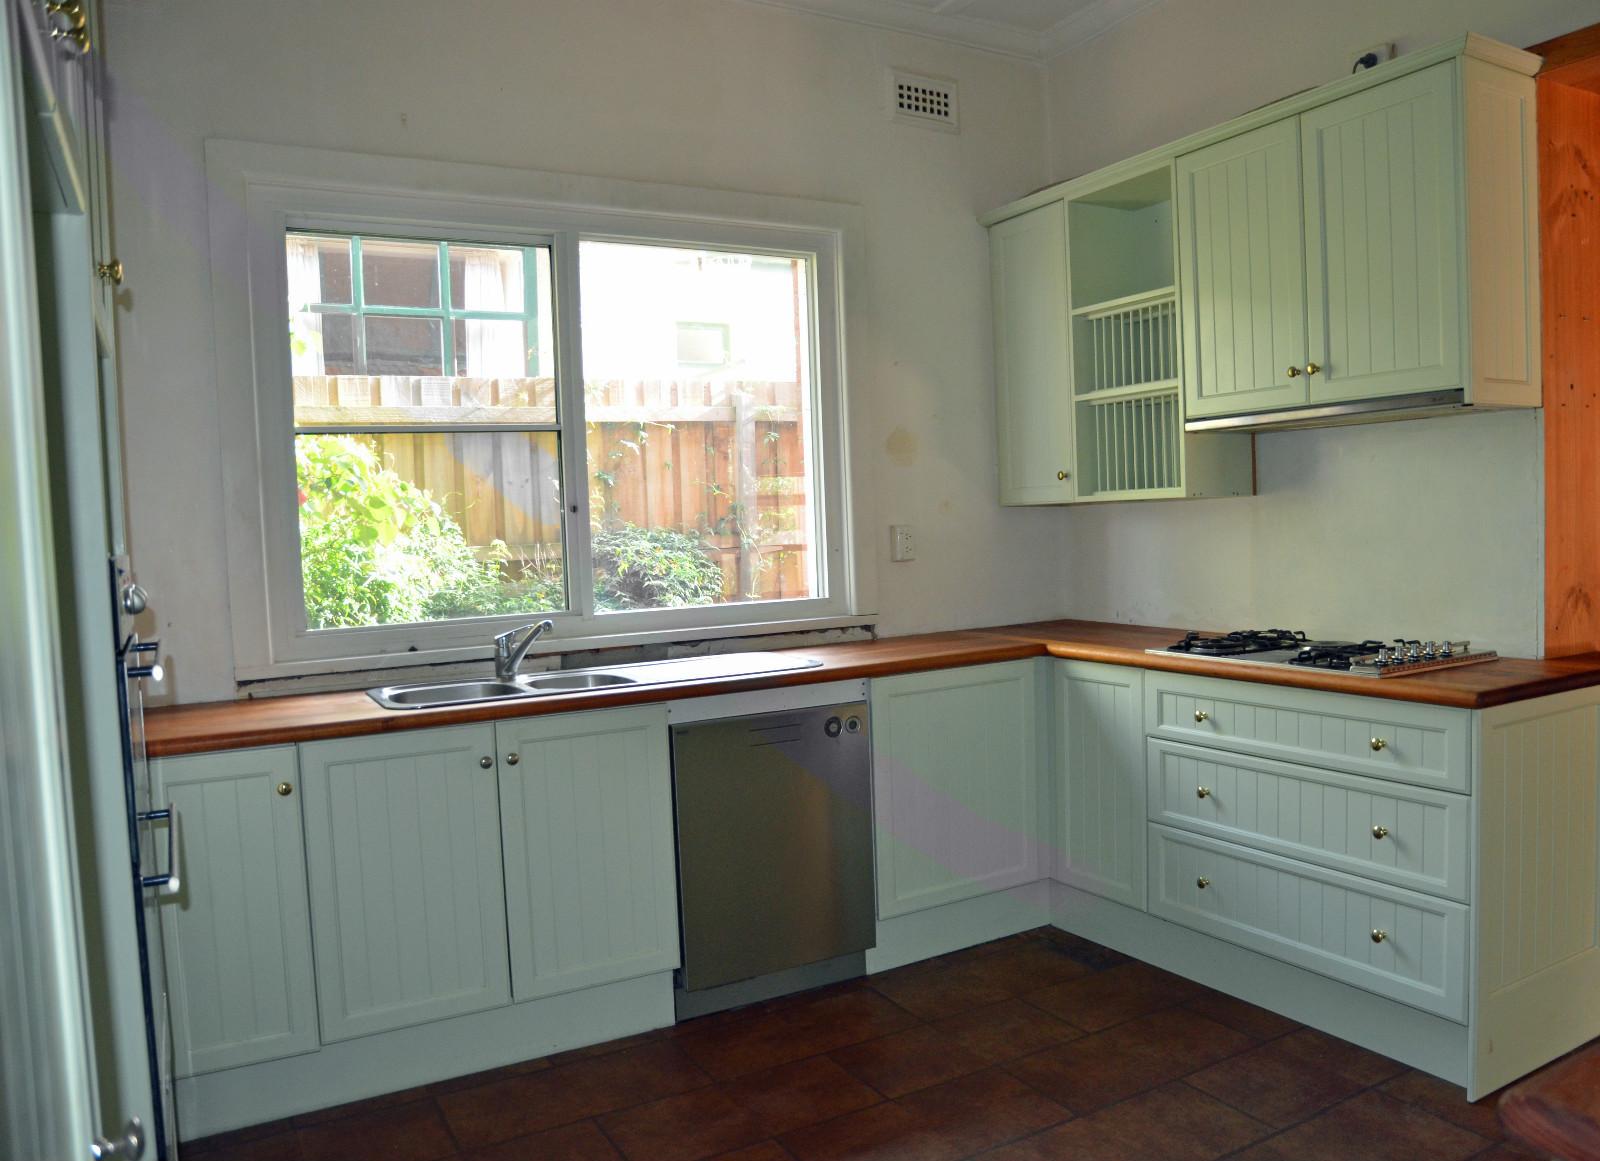 Second Hand Kitchen Krtbrunswick